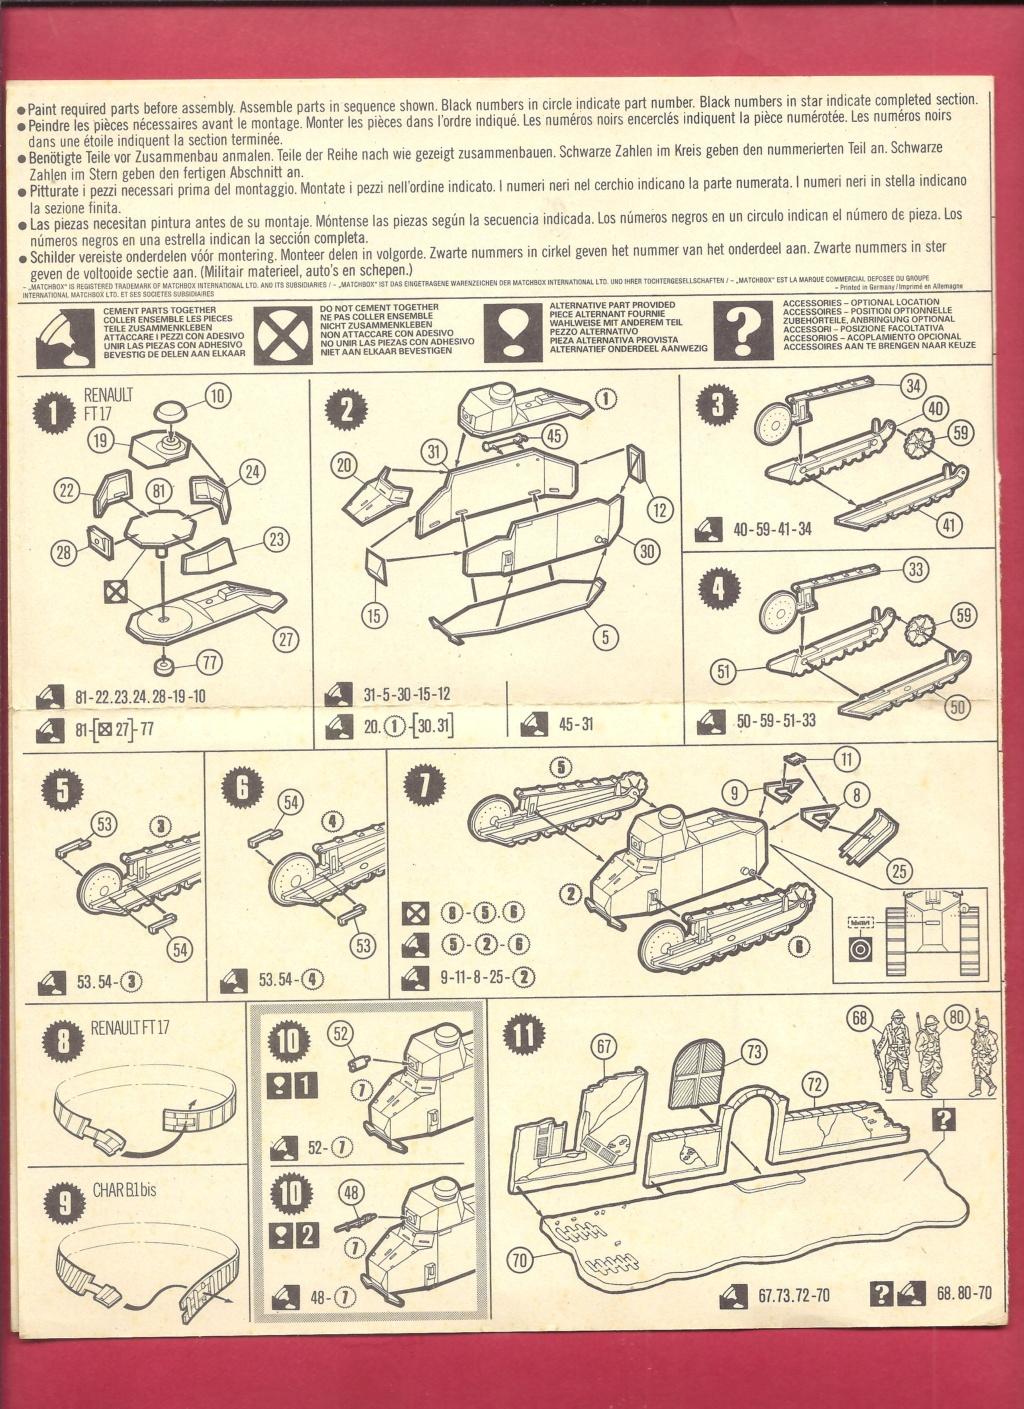 [MATCHBOX] Char B.1 bis et RENAULT FT 17 1/76ème Réf 40176 Notice Matchb25